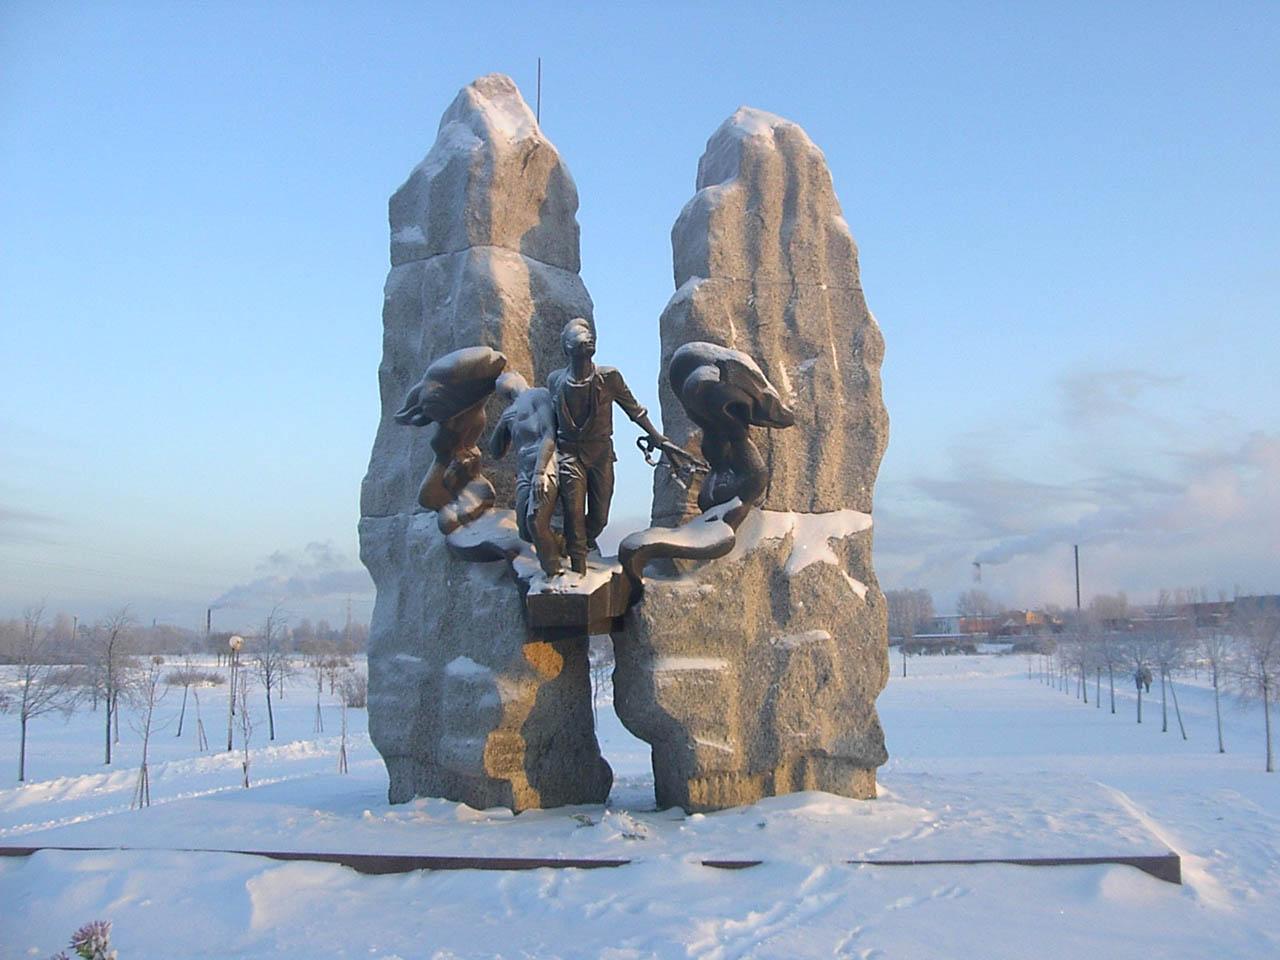 Памятник воинам-интернационалистам, Санкт-Петербург